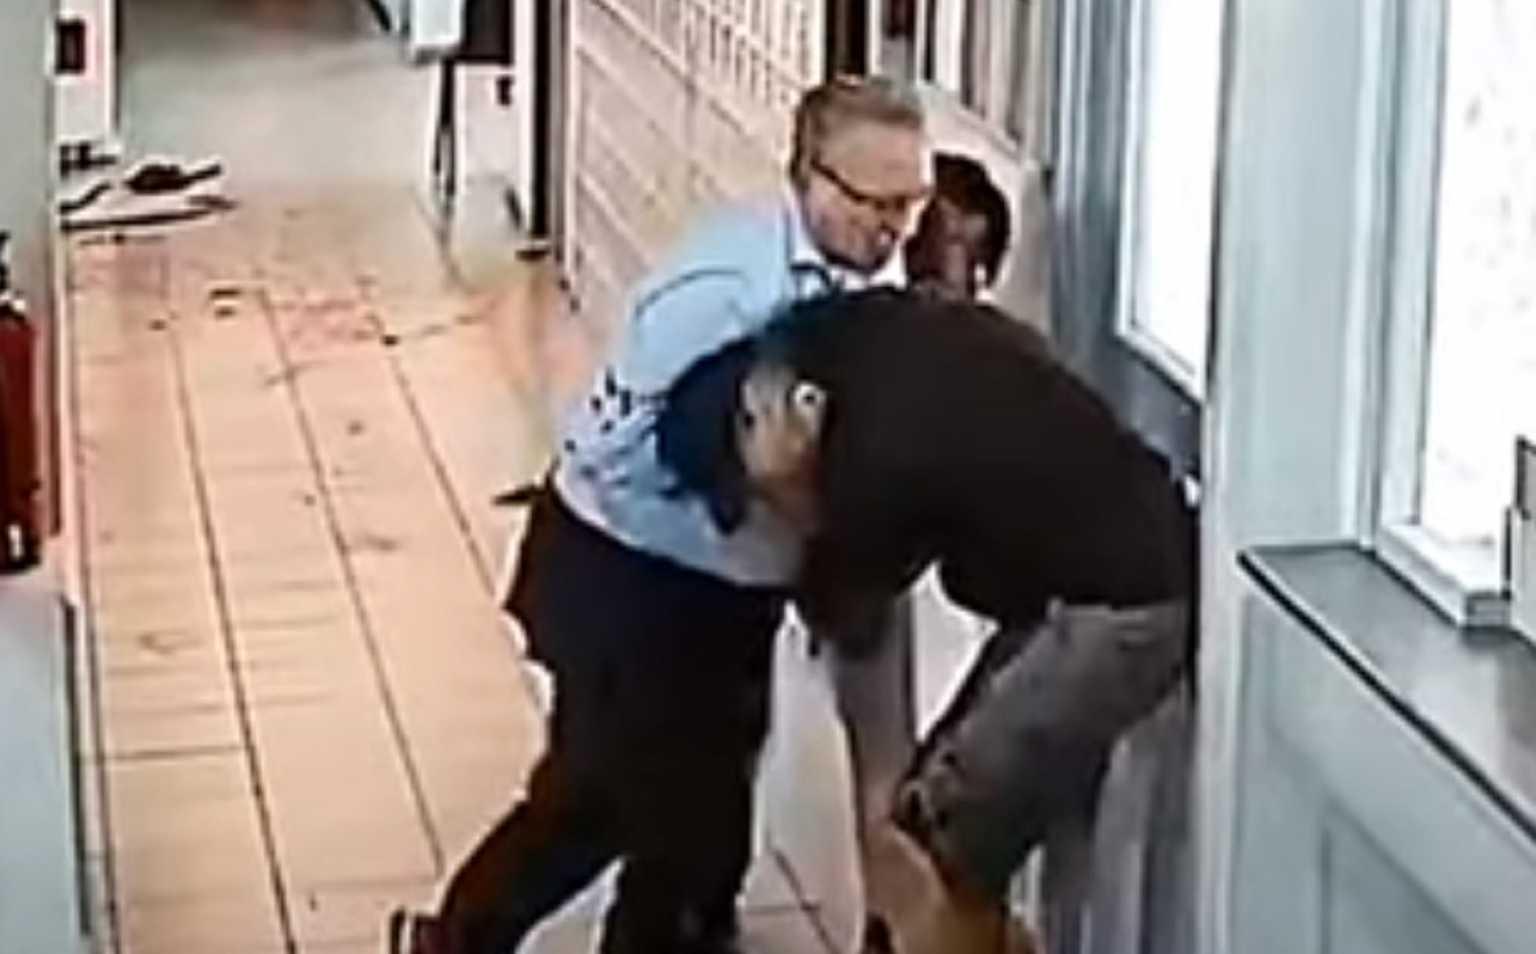 Δίκη για την επίθεση με τσεκούρι στη ΔΟΥ Κοζάνης: «Γλιστρούσαν τα χέρια μου από το αίμα»